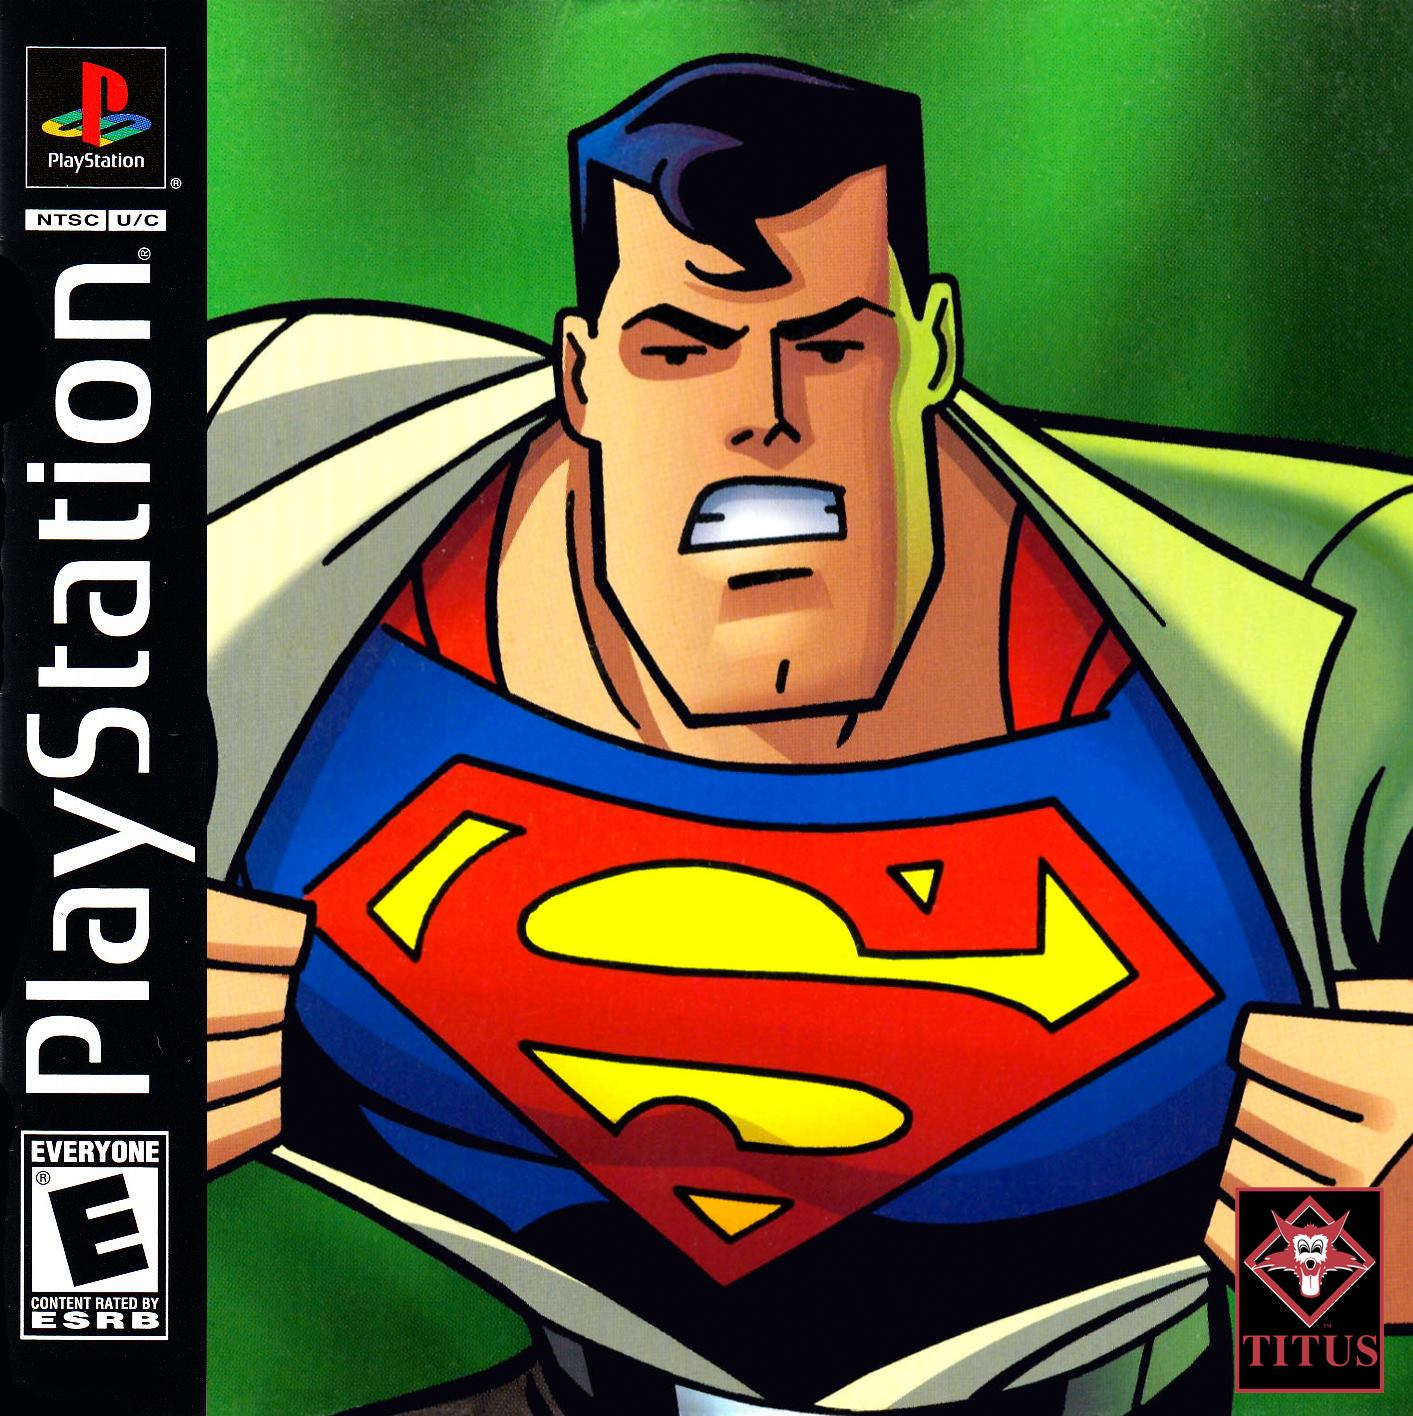 superman psx - Prototyp gry Superman na PSX ma wkrótce trafić do sieci. Zapraszam na gameplay z gry.